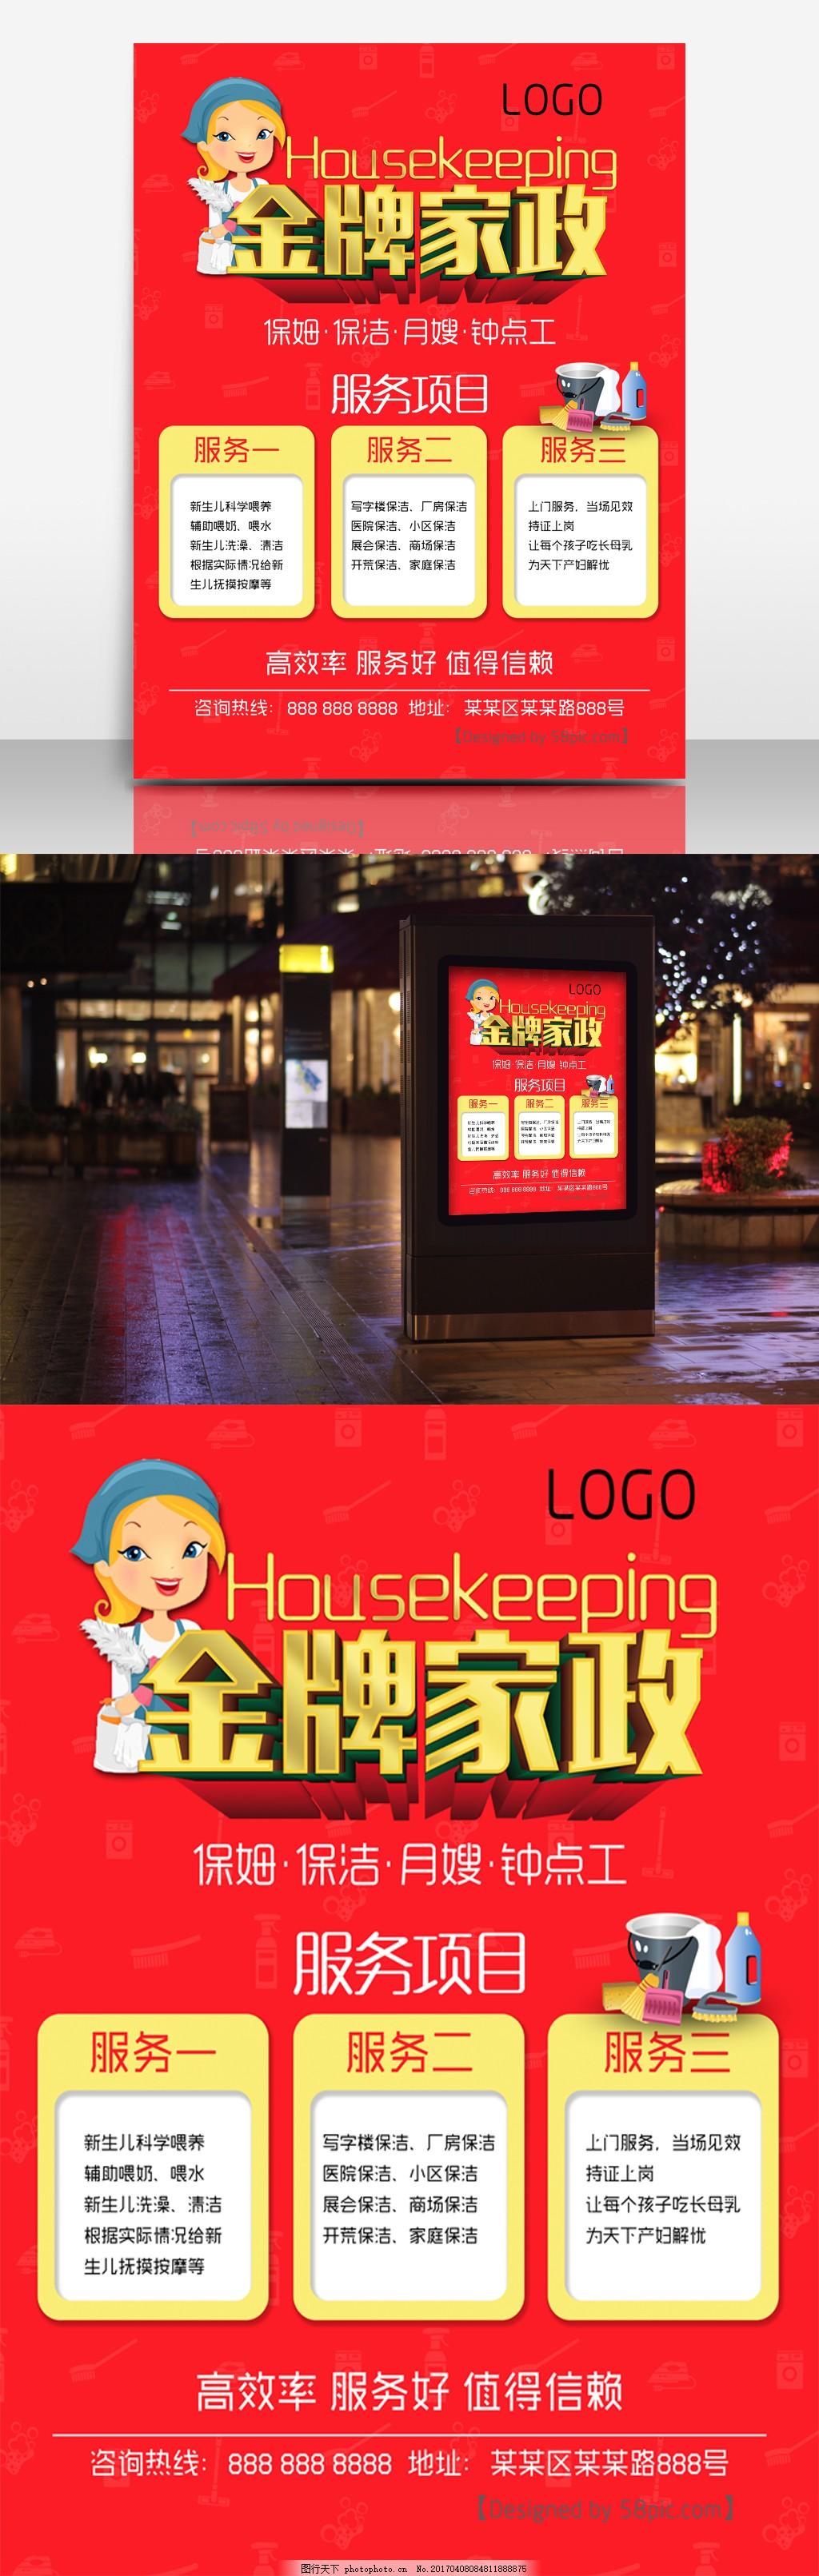 红色金牌家政公司宣传海报 服务项目 女人 工具 金色 底纹图片